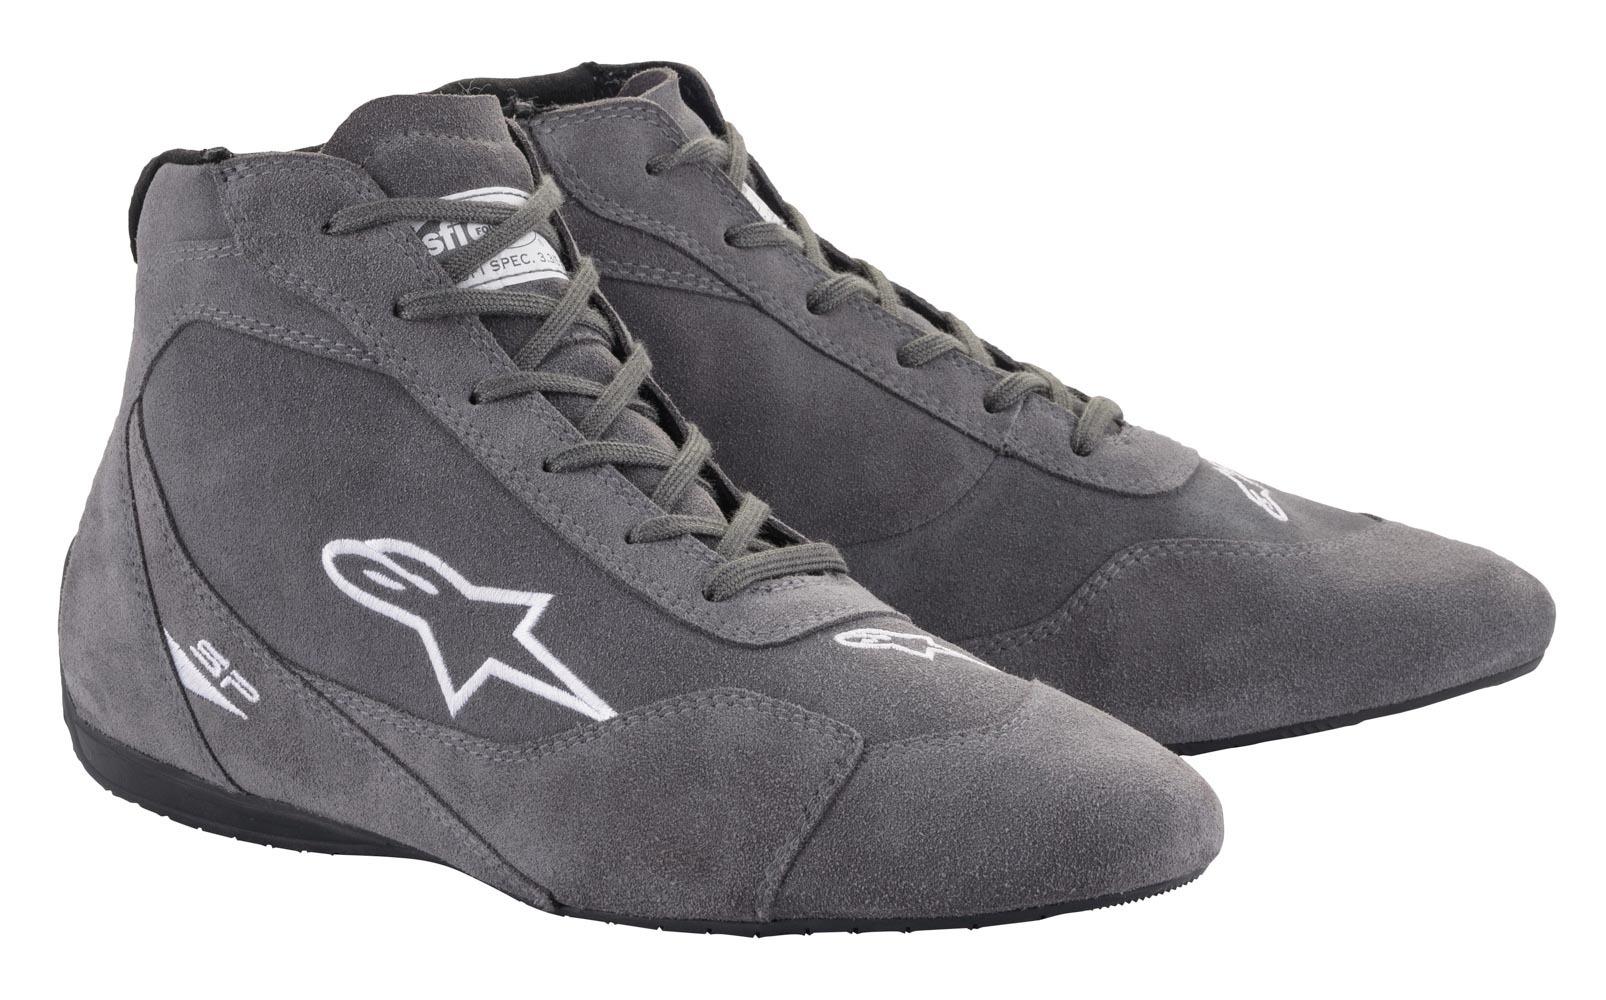 Alpinestars 2710621-11-9.5 SP V2 Size 9-1/2 Driving Shoe Mid-Top Dark Gray